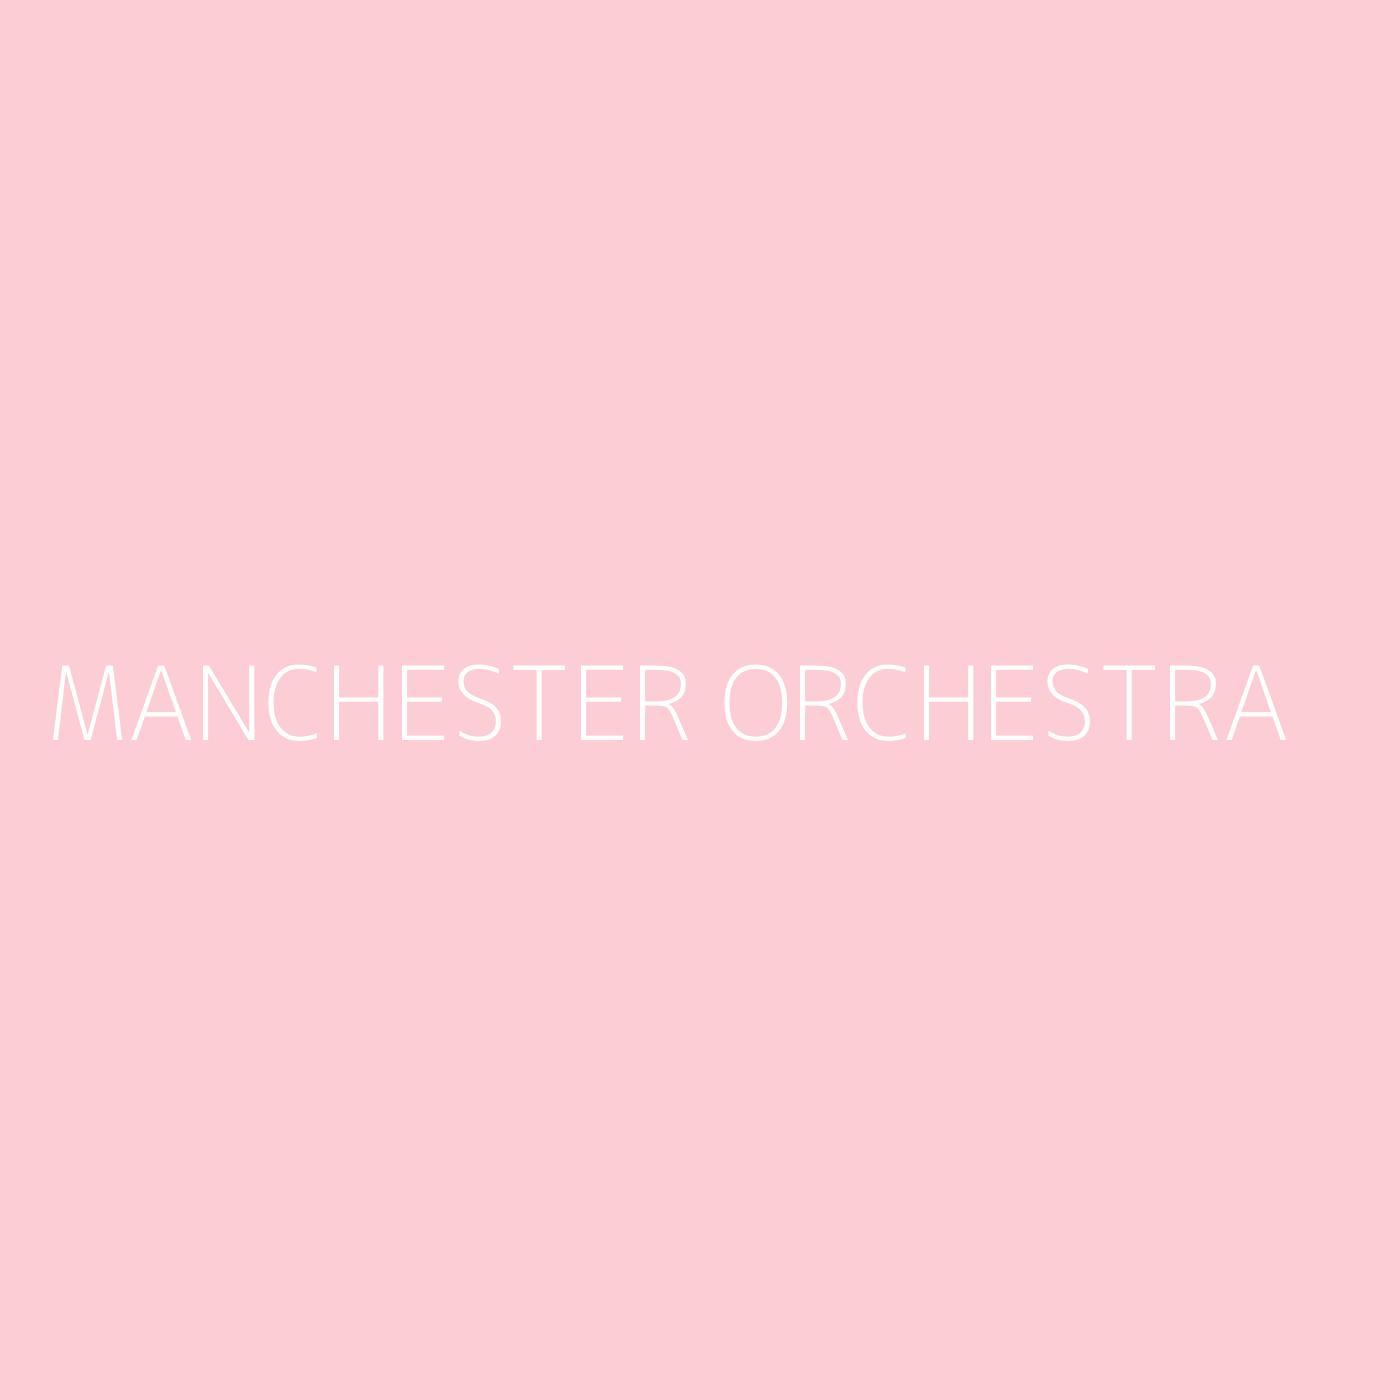 Manchester Orchestra Playlist Artwork